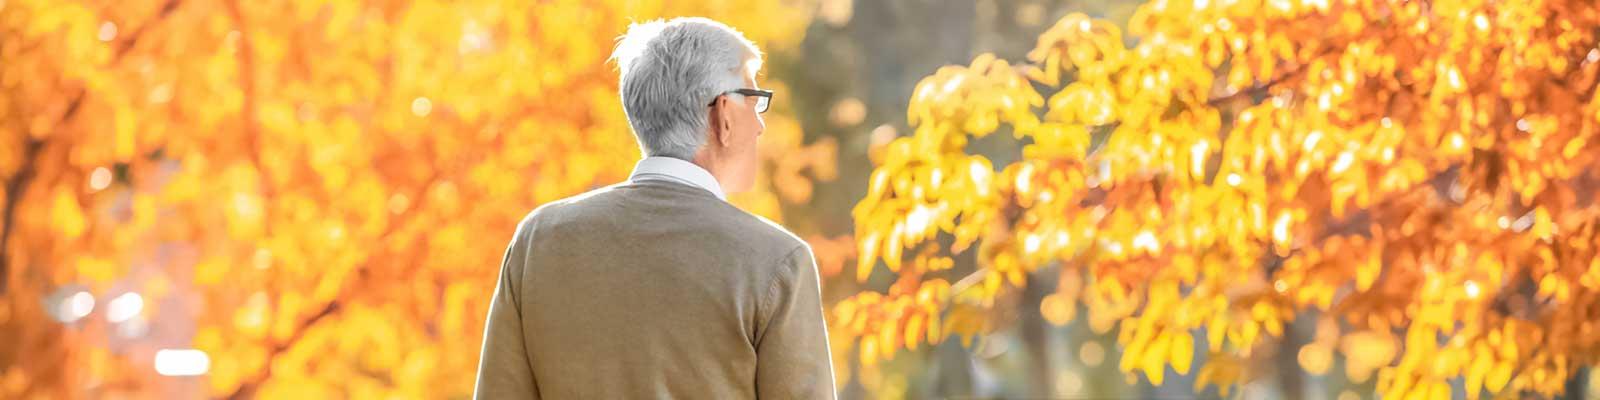 Therapie mit älteren Menschen